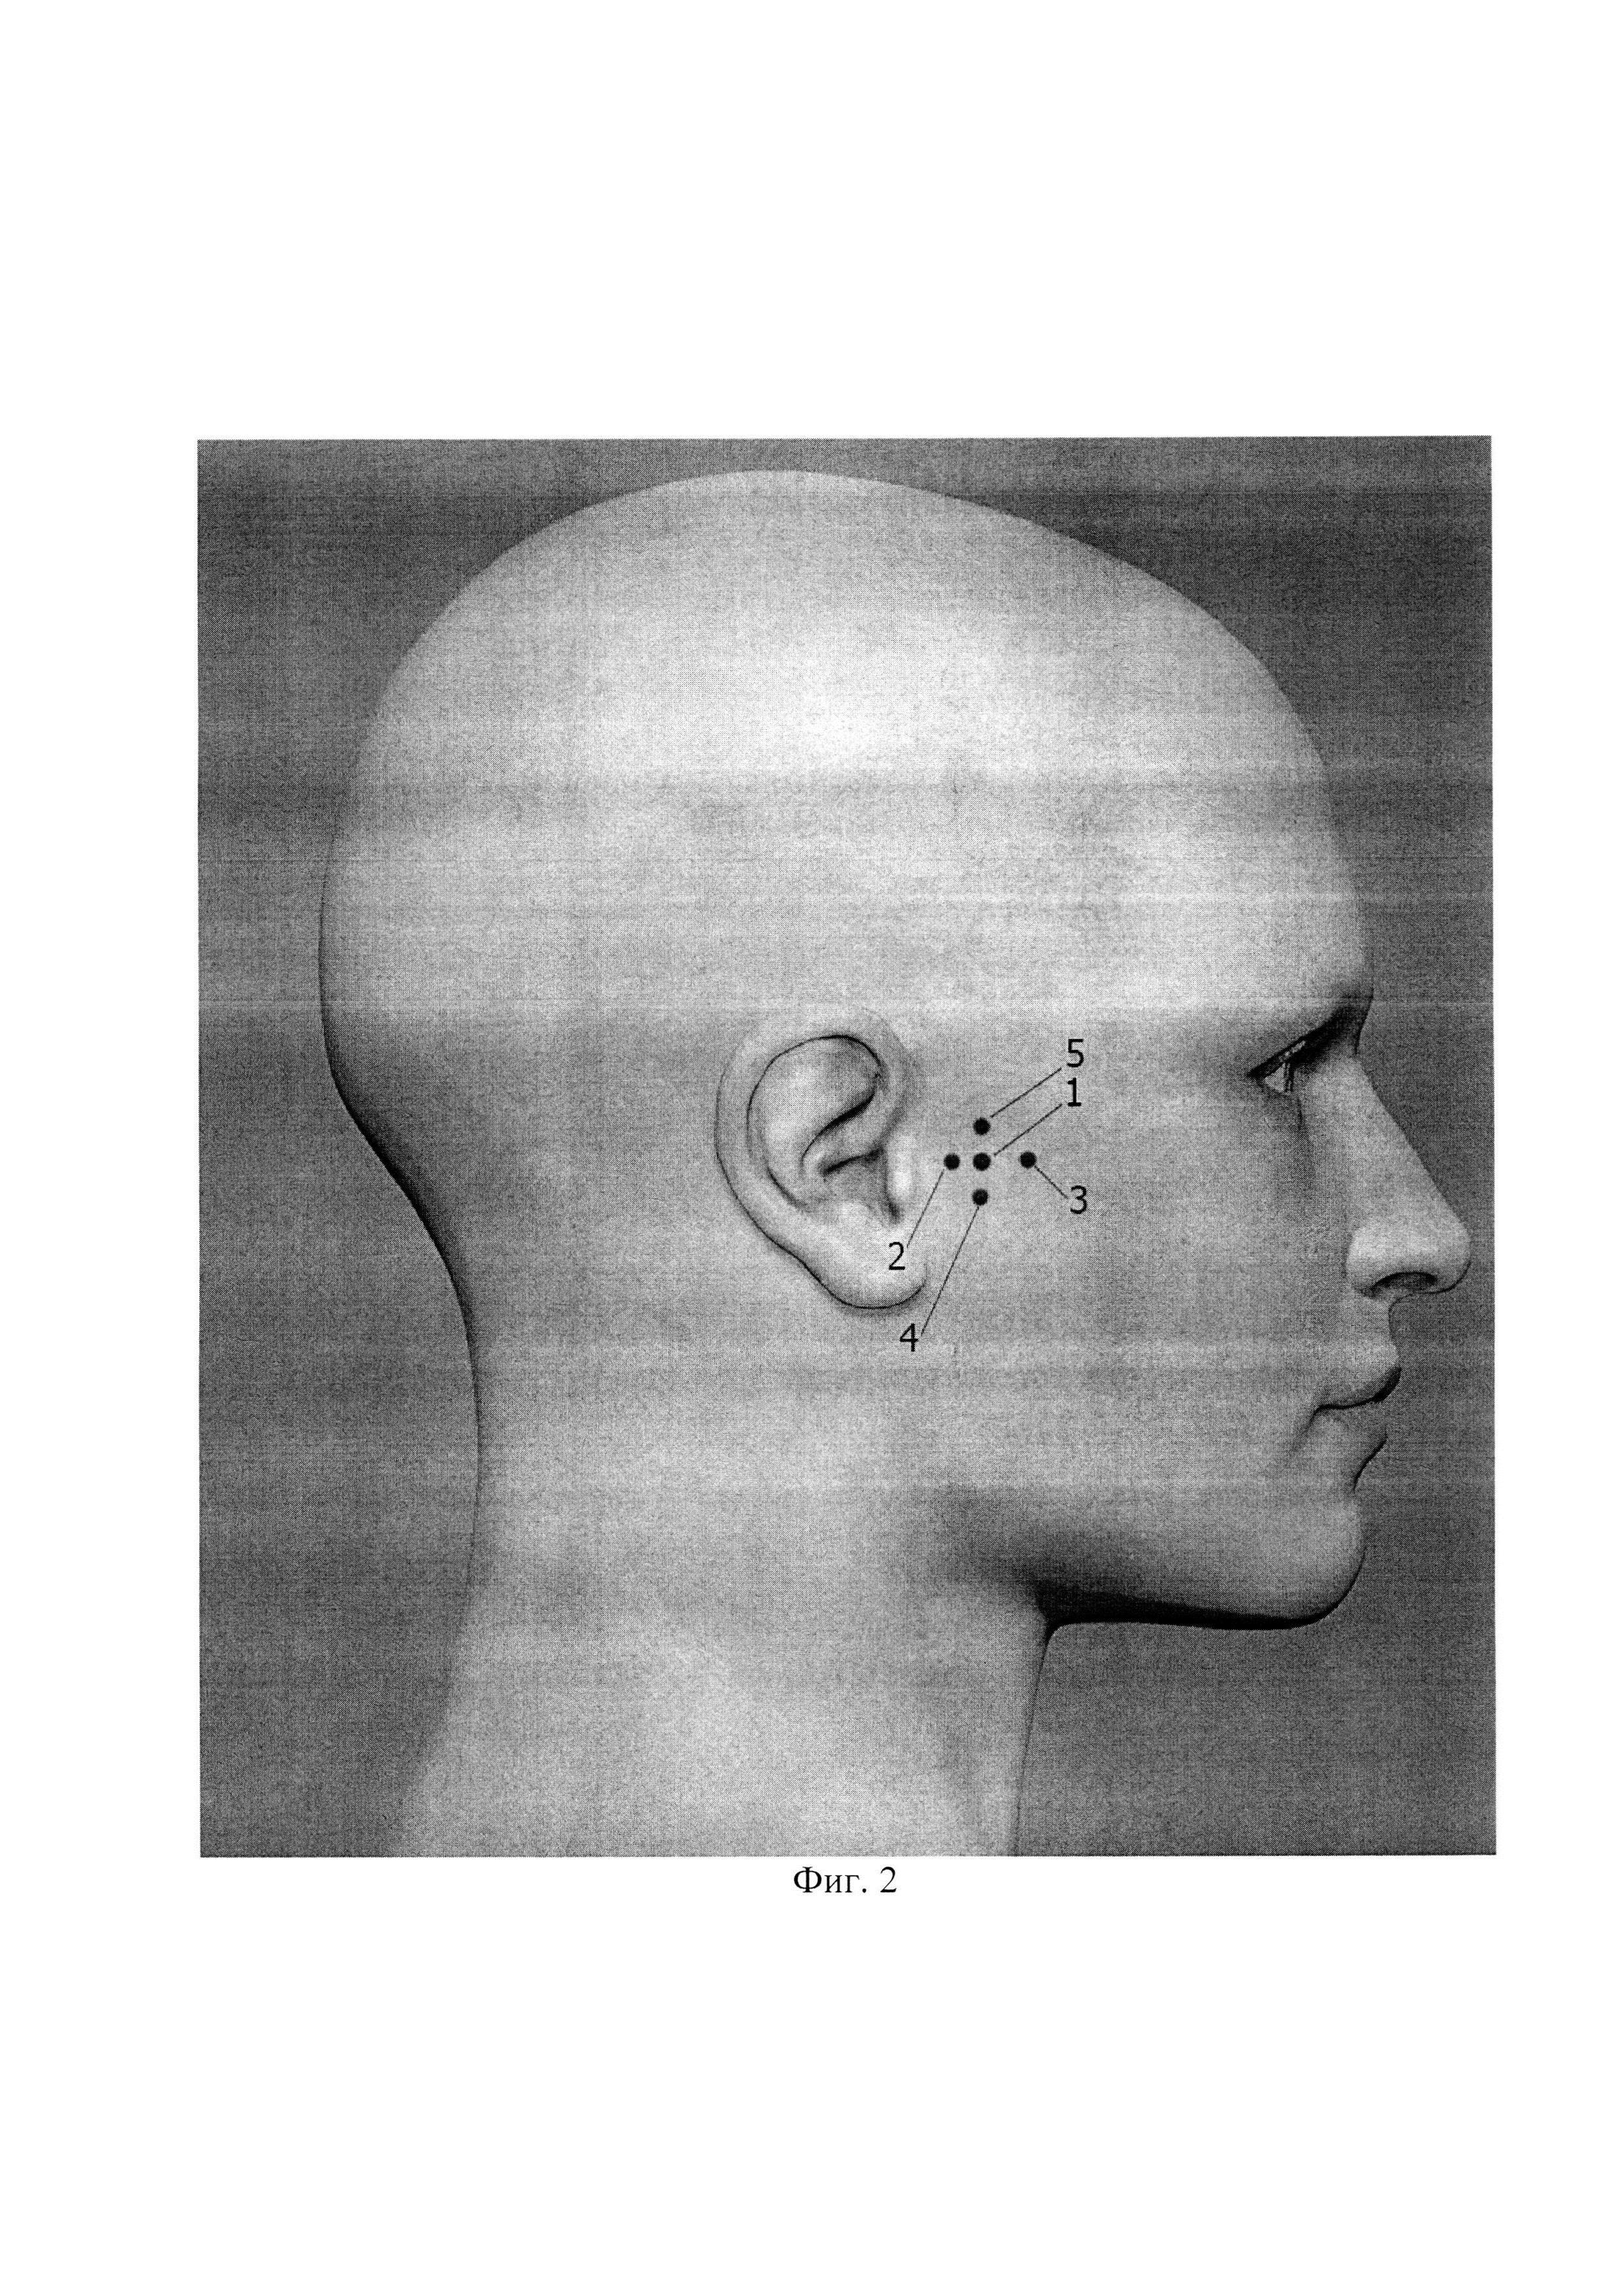 Способ лечения воспалительных и дегенеративно-дистрофических заболеваний височно-нижнечелюстного сустава